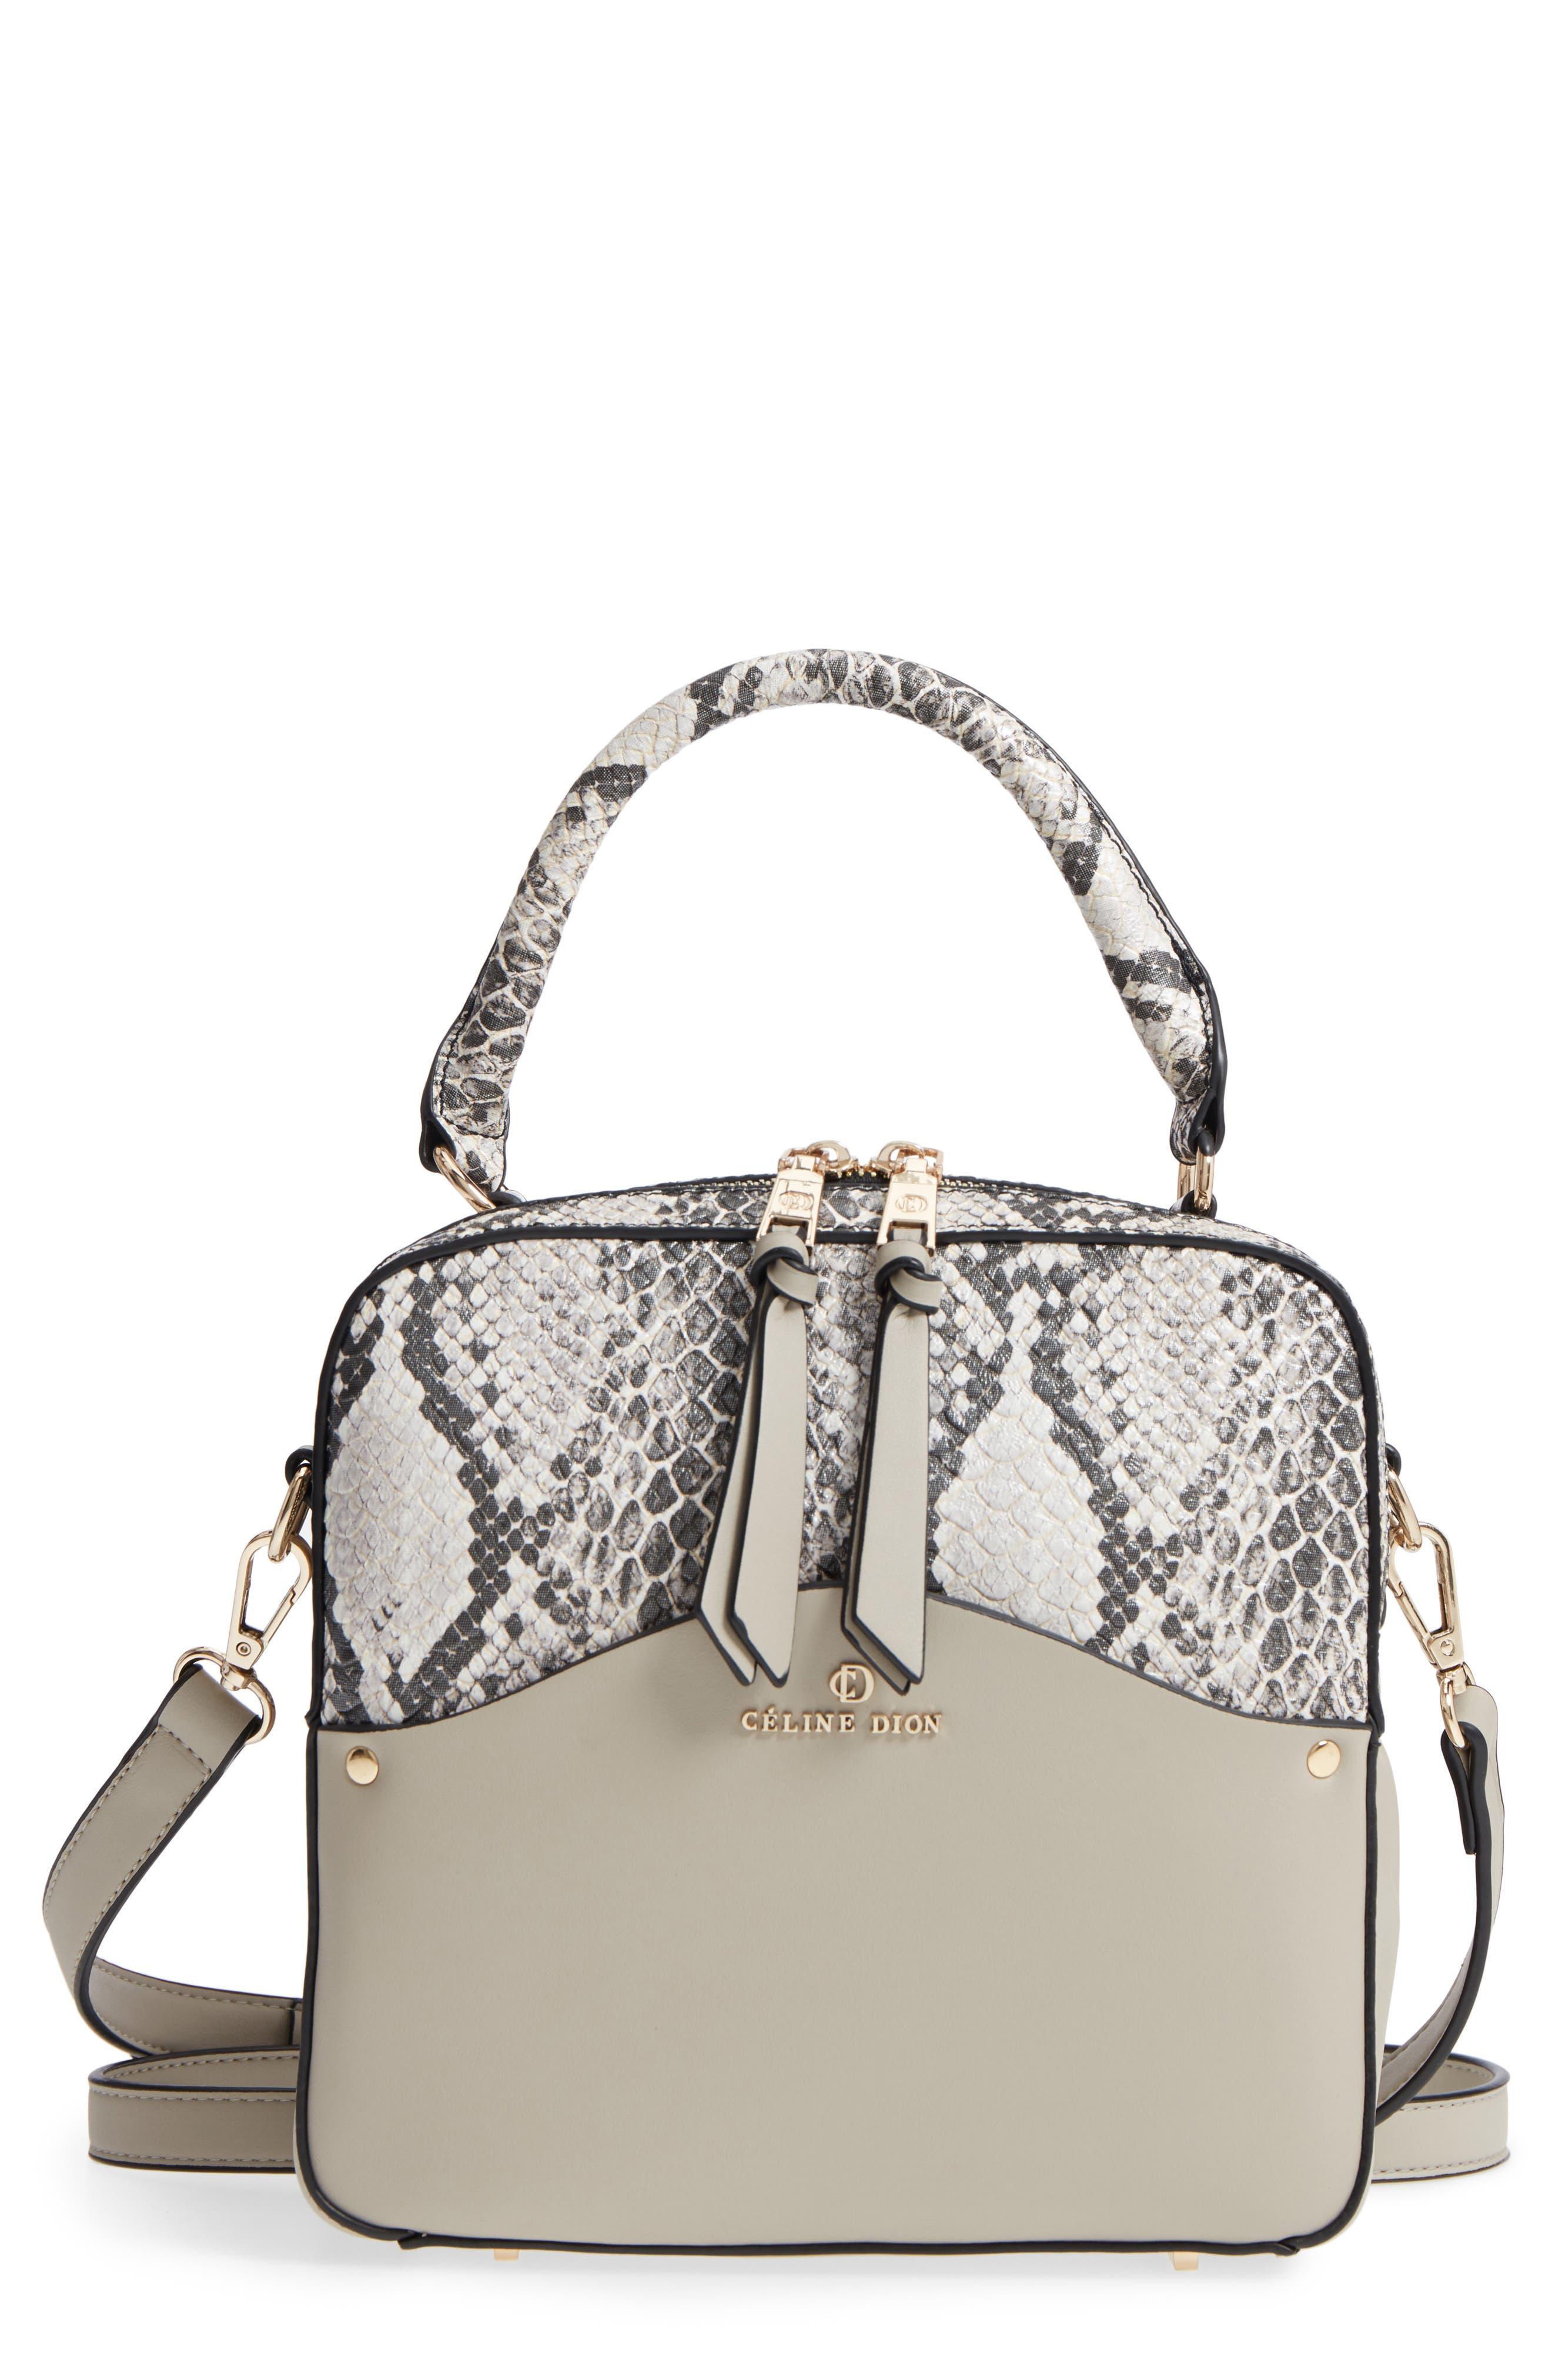 Céline Dion Motif Top Handle Leather Satchel,                             Main thumbnail 2, color,